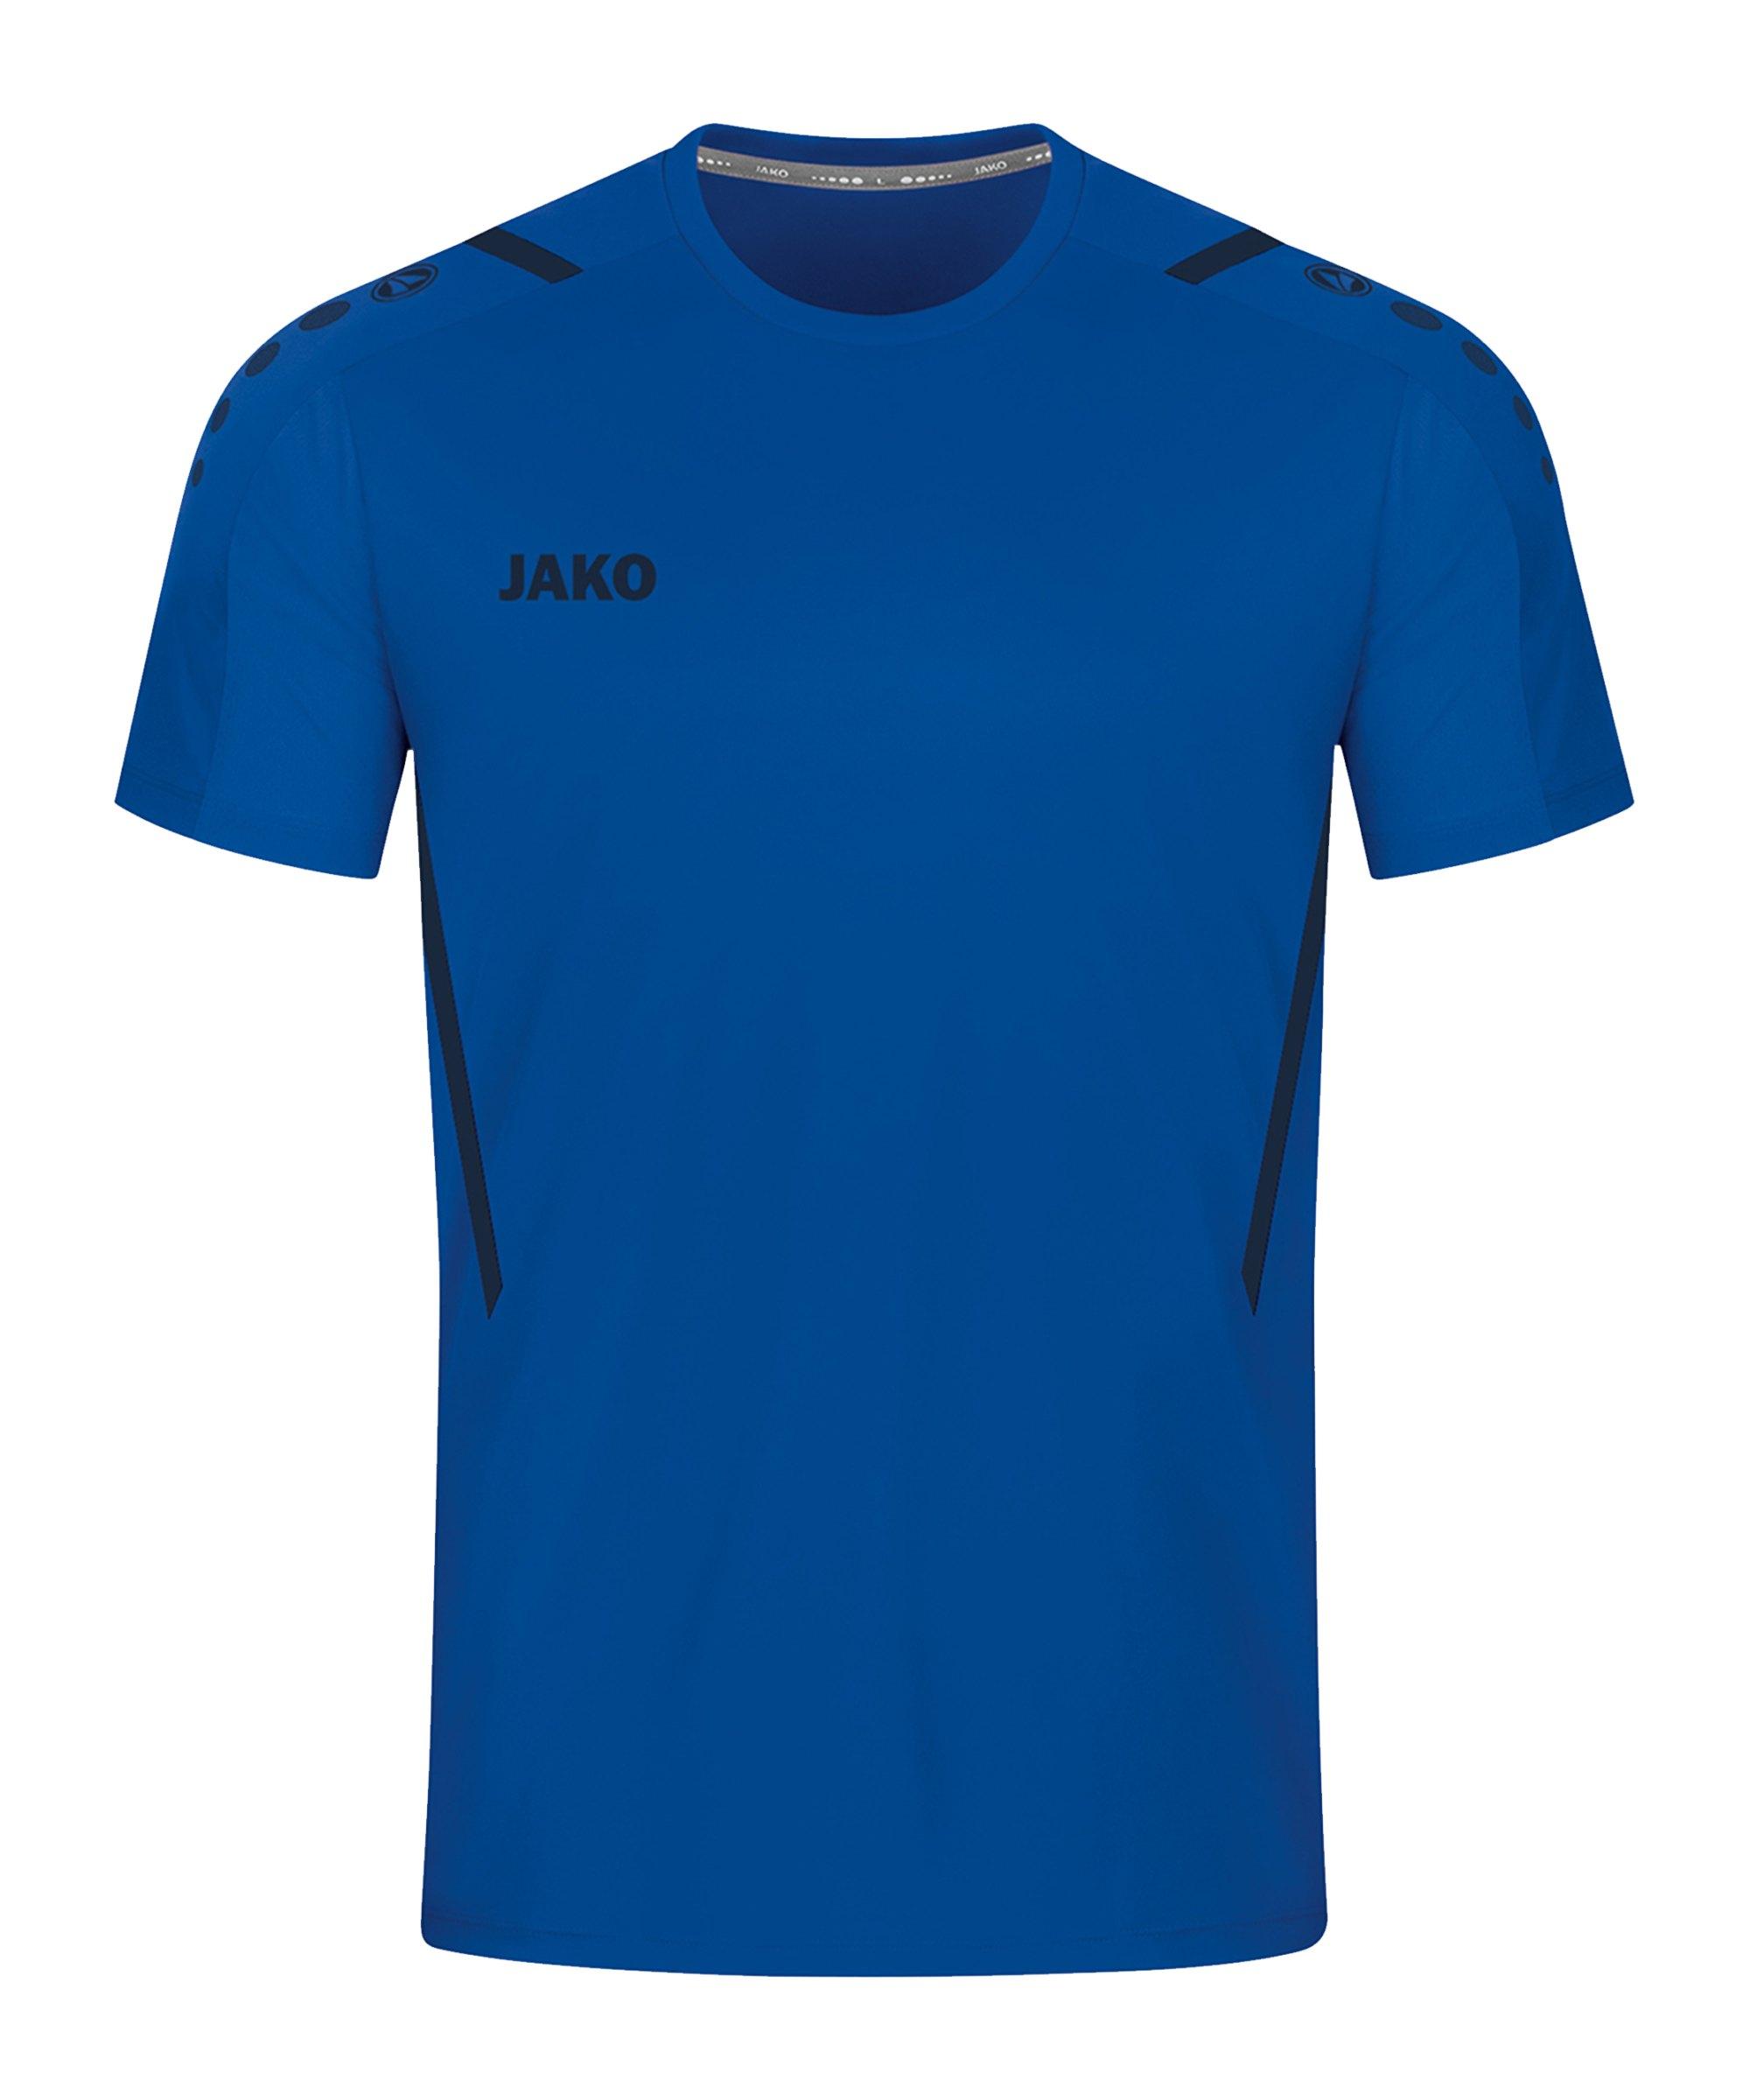 JAKO Challenge Trikot Blau F403 - blau